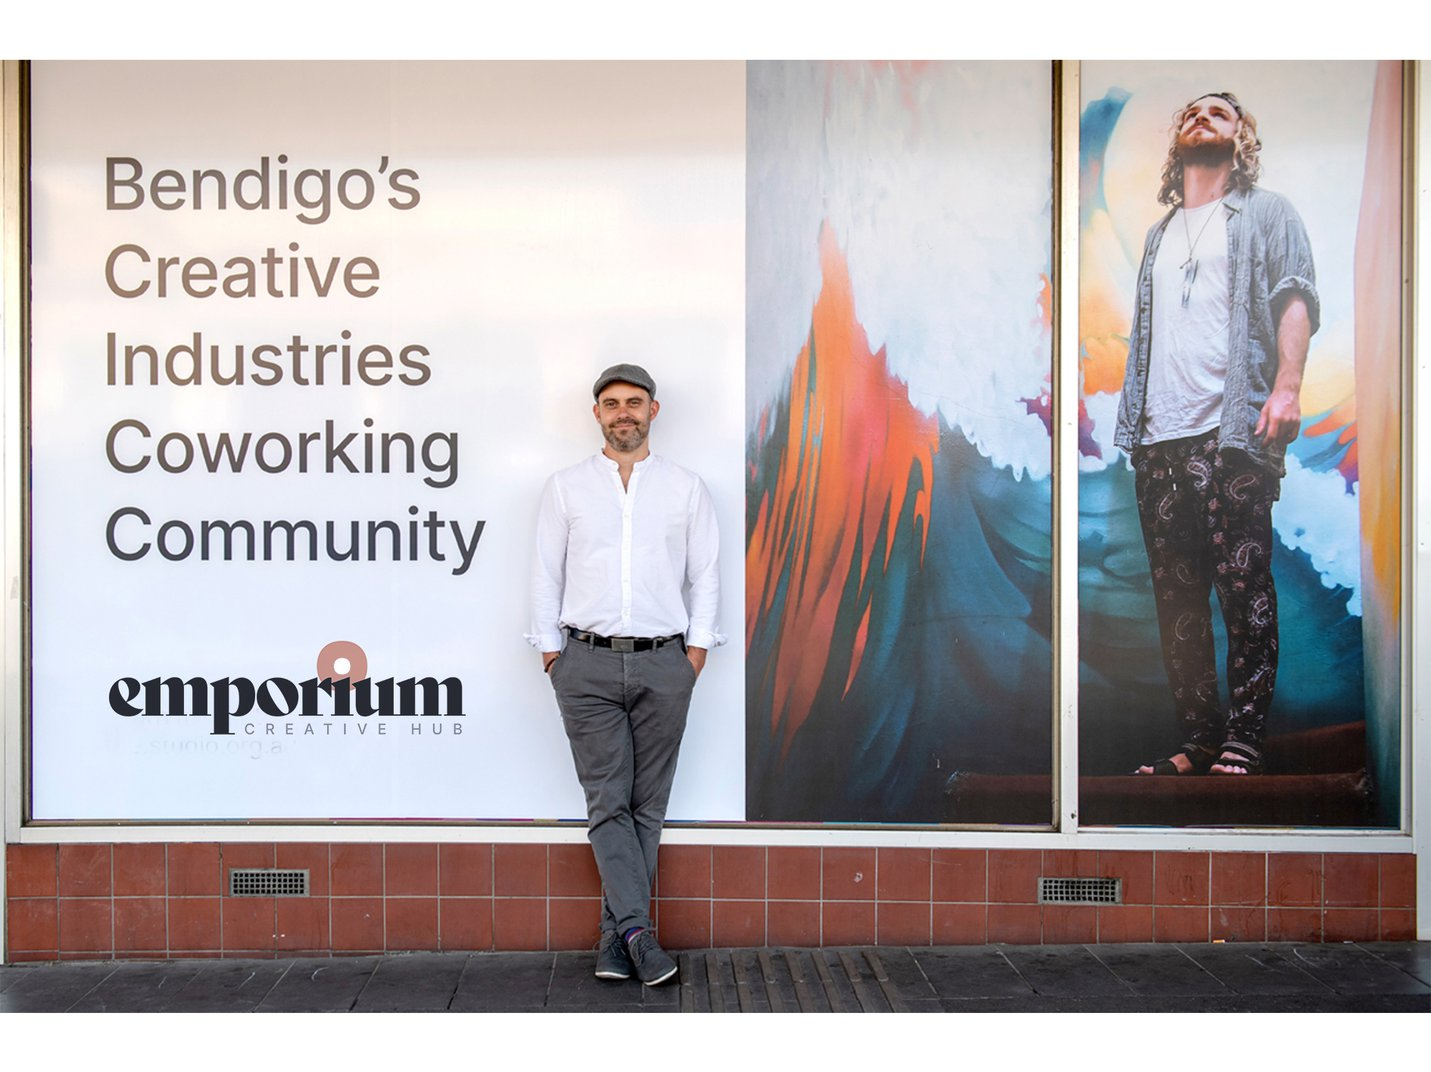 Dave Hughes, Emporium Creative Hub Manager